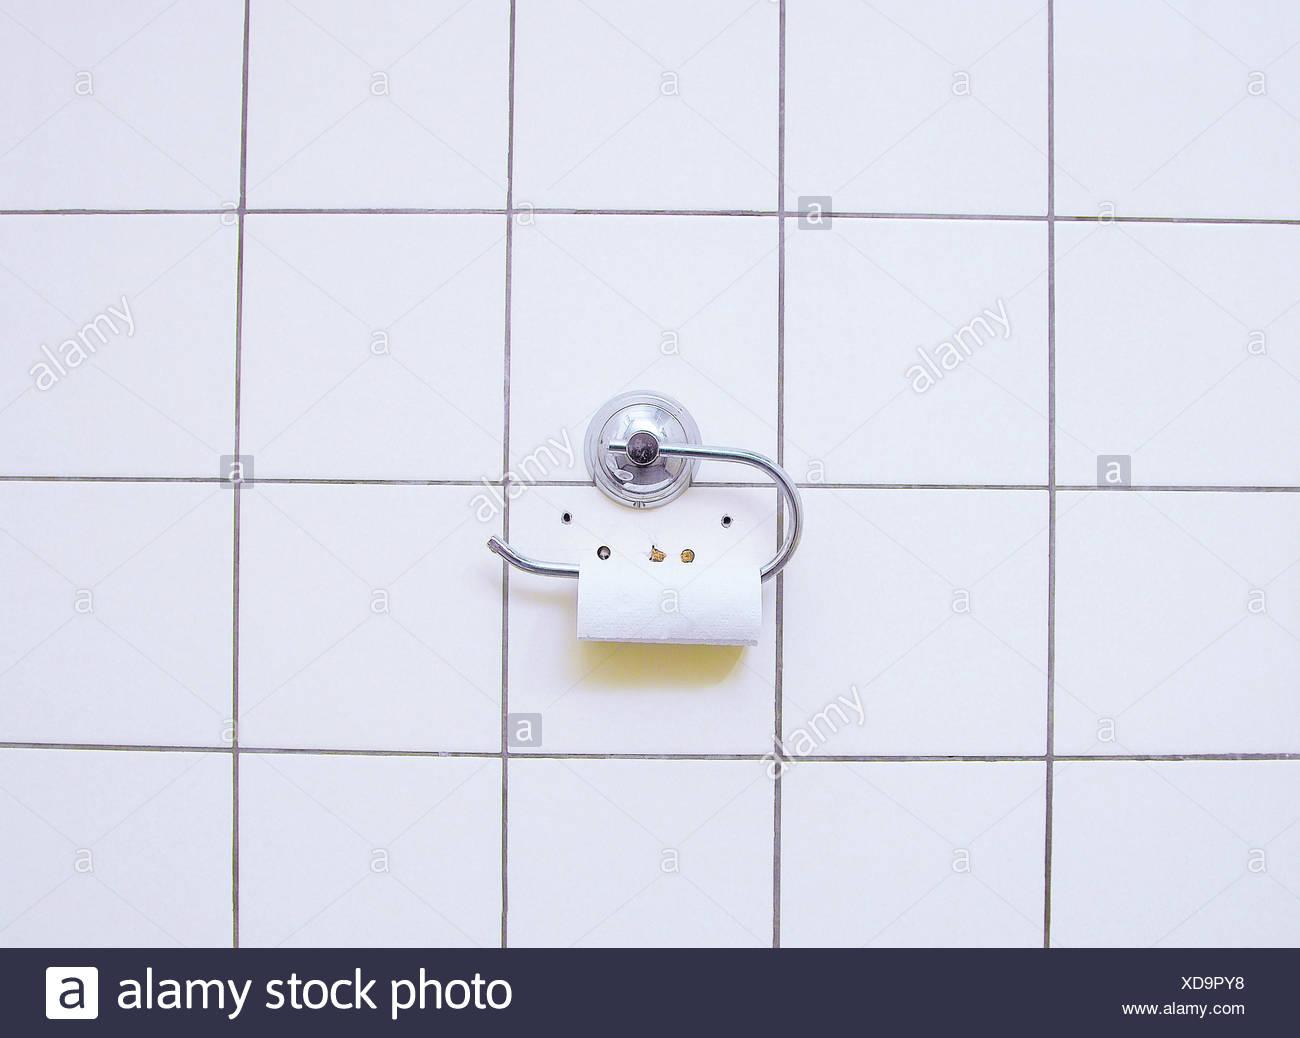 Bad Fliesen Wand Loo Rollenden Halter Wc Papier Bad Wc